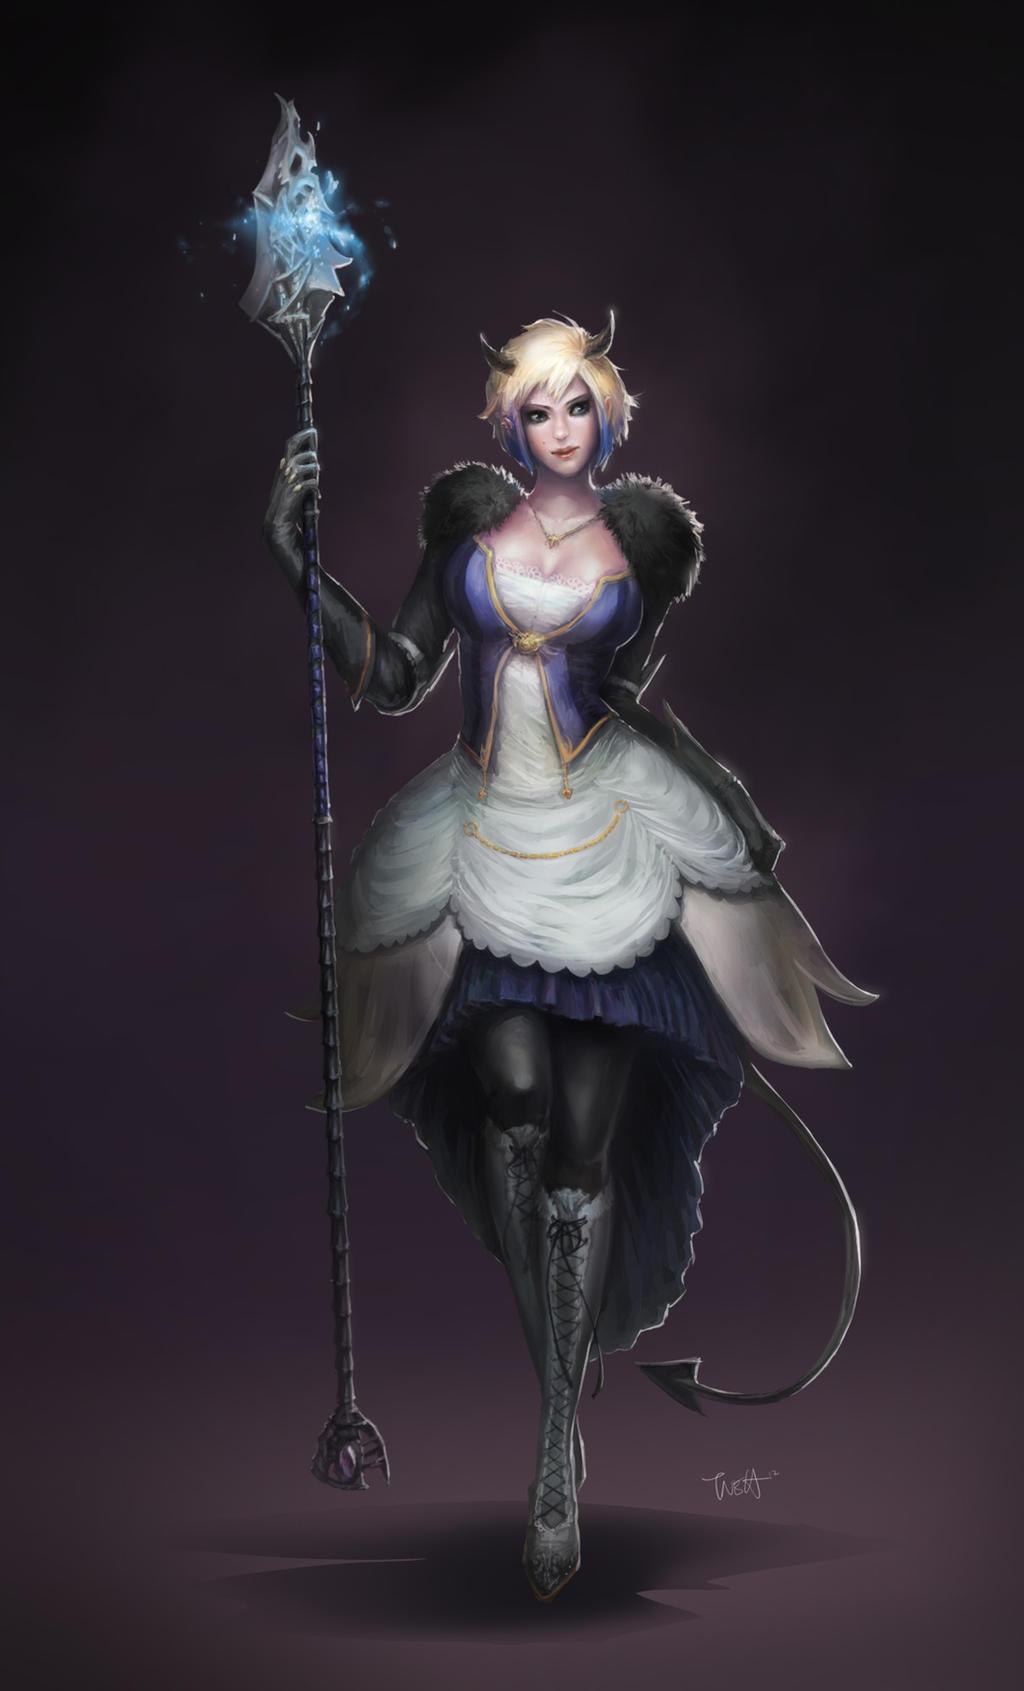 Commission - Maeva by SKtneh